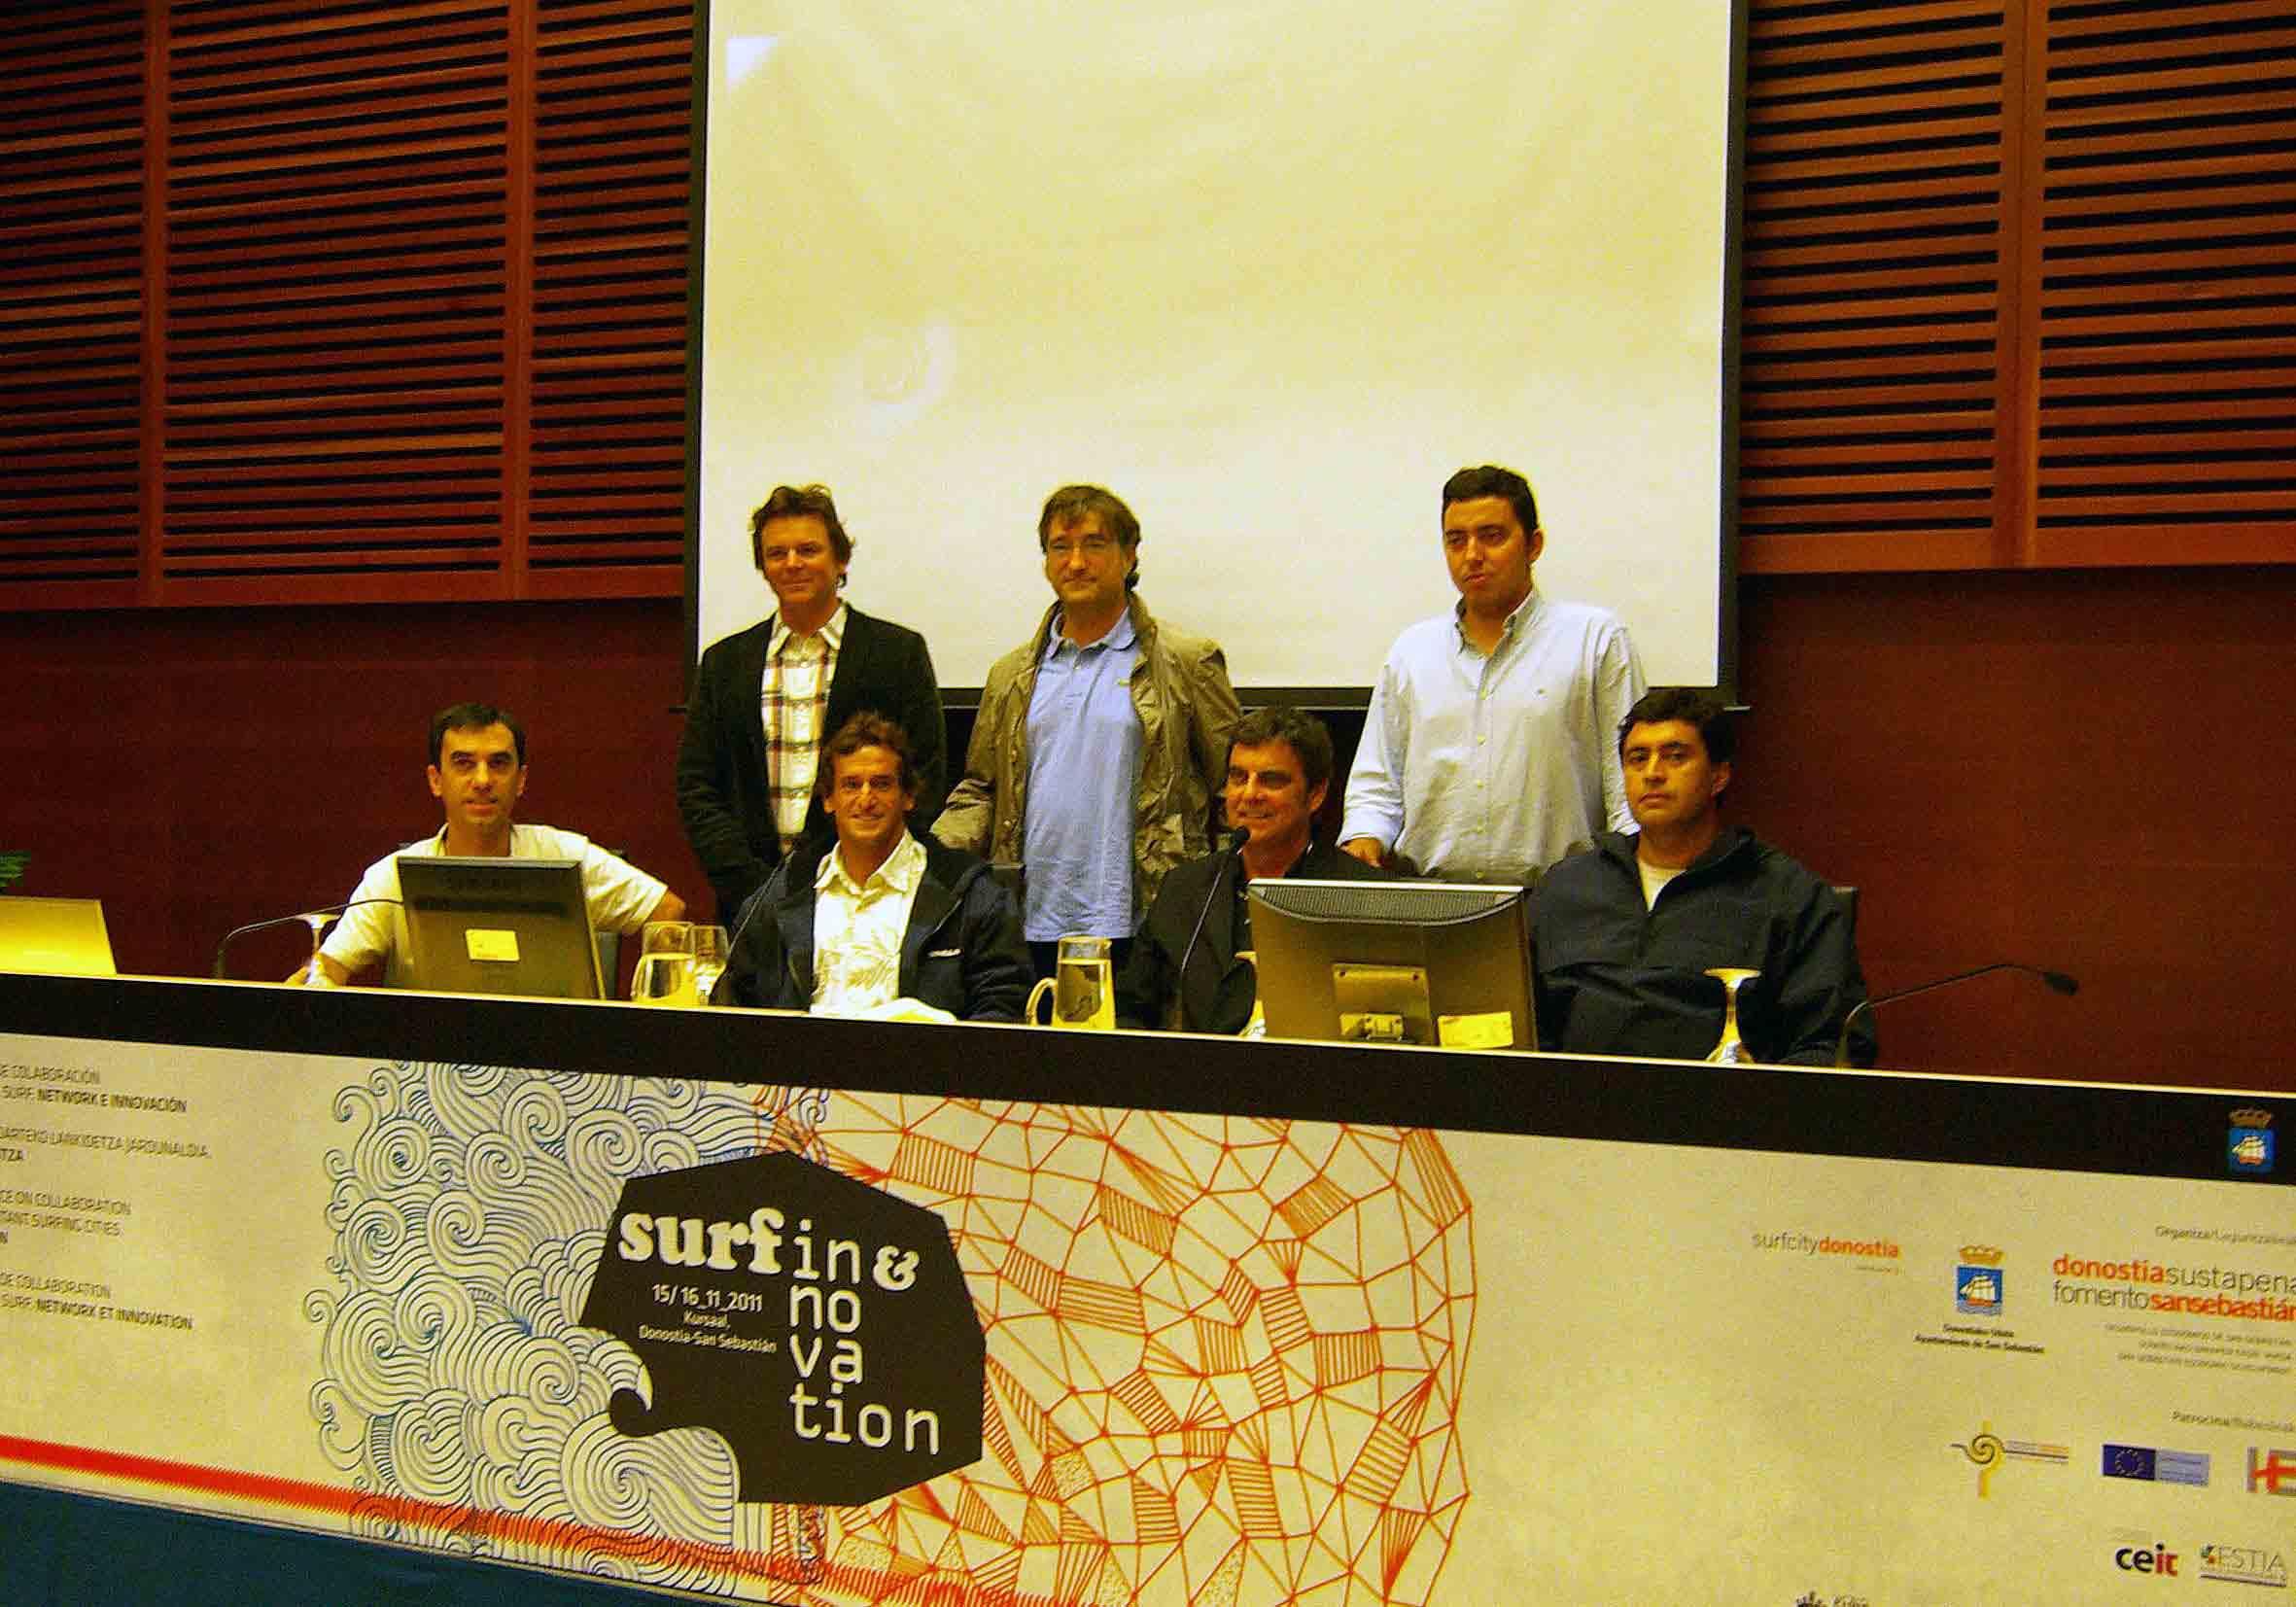 http://www.boardbox.tv/ftp/notifotos/surfinginnovation.jpg